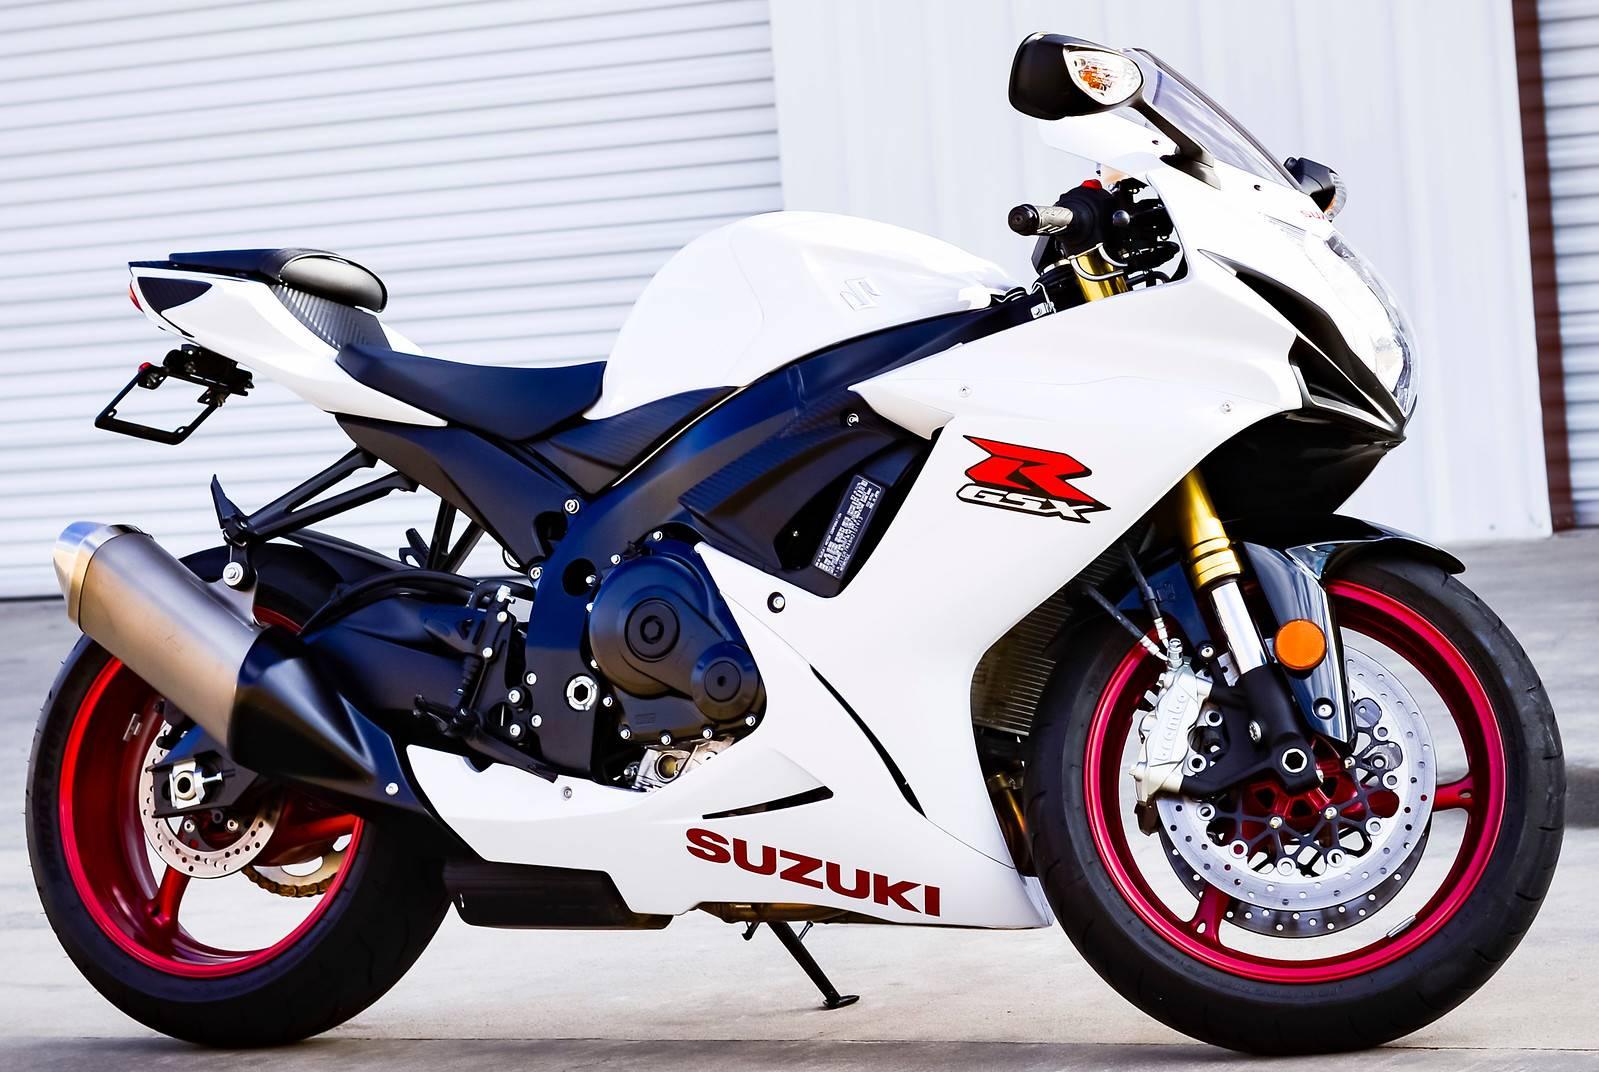 2017 Suzuki GSX-R750 for sale 7746